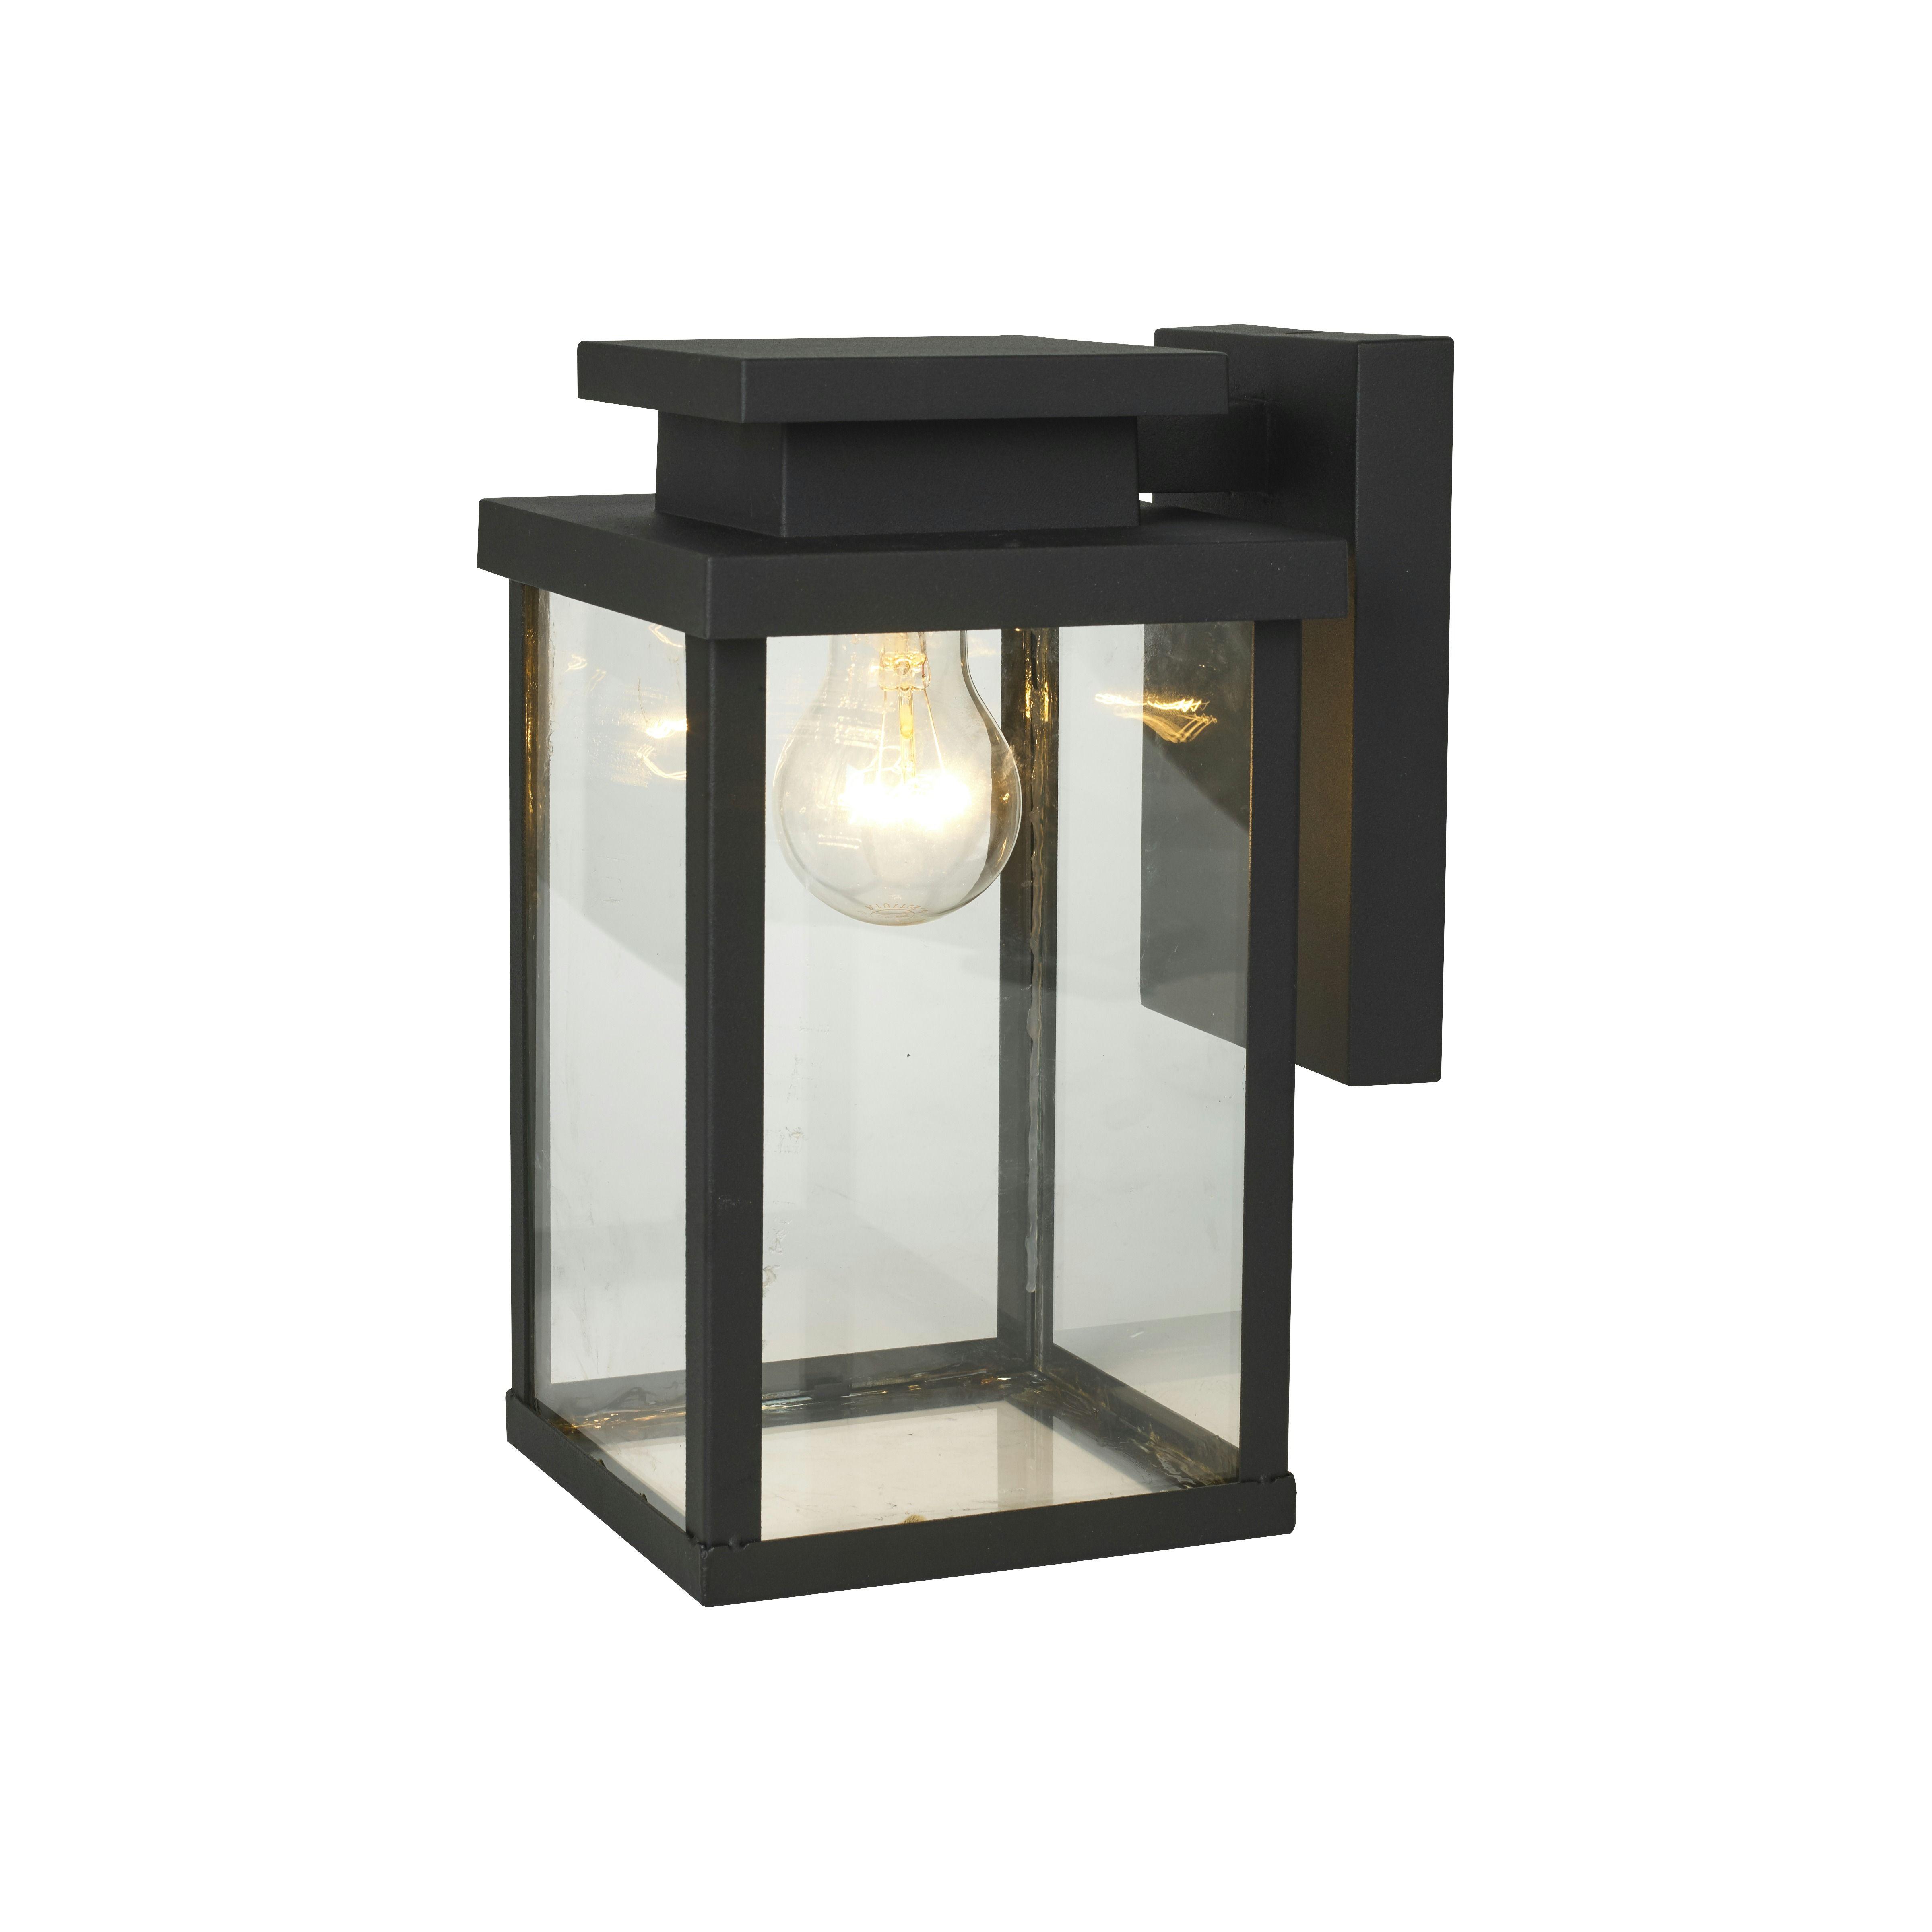 Buitenlamp Met Sensor Karwei.Karwei Buitenlamp Andor Zwart Kopen Wandlampen Karwei